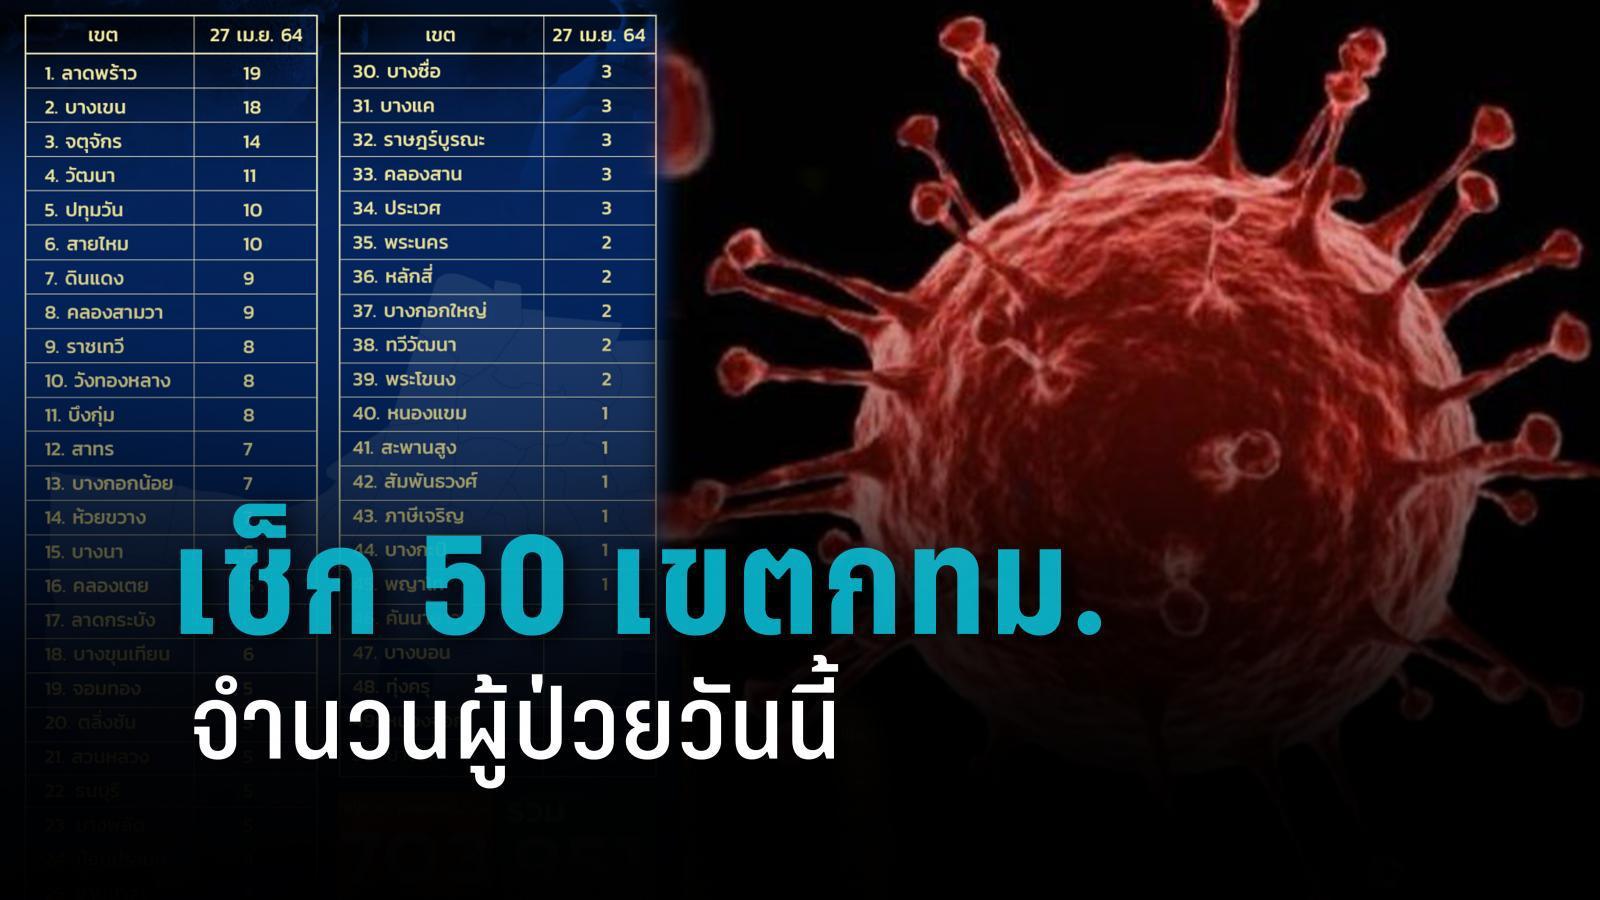 เช็ก 50 เขตกทม.ยอดผู้ป่วยโควิด-19 วันนี้ ผููู้ว่าฯแจงเหลือ 37 คน ที่ยังไม่ถึงมือหมอ